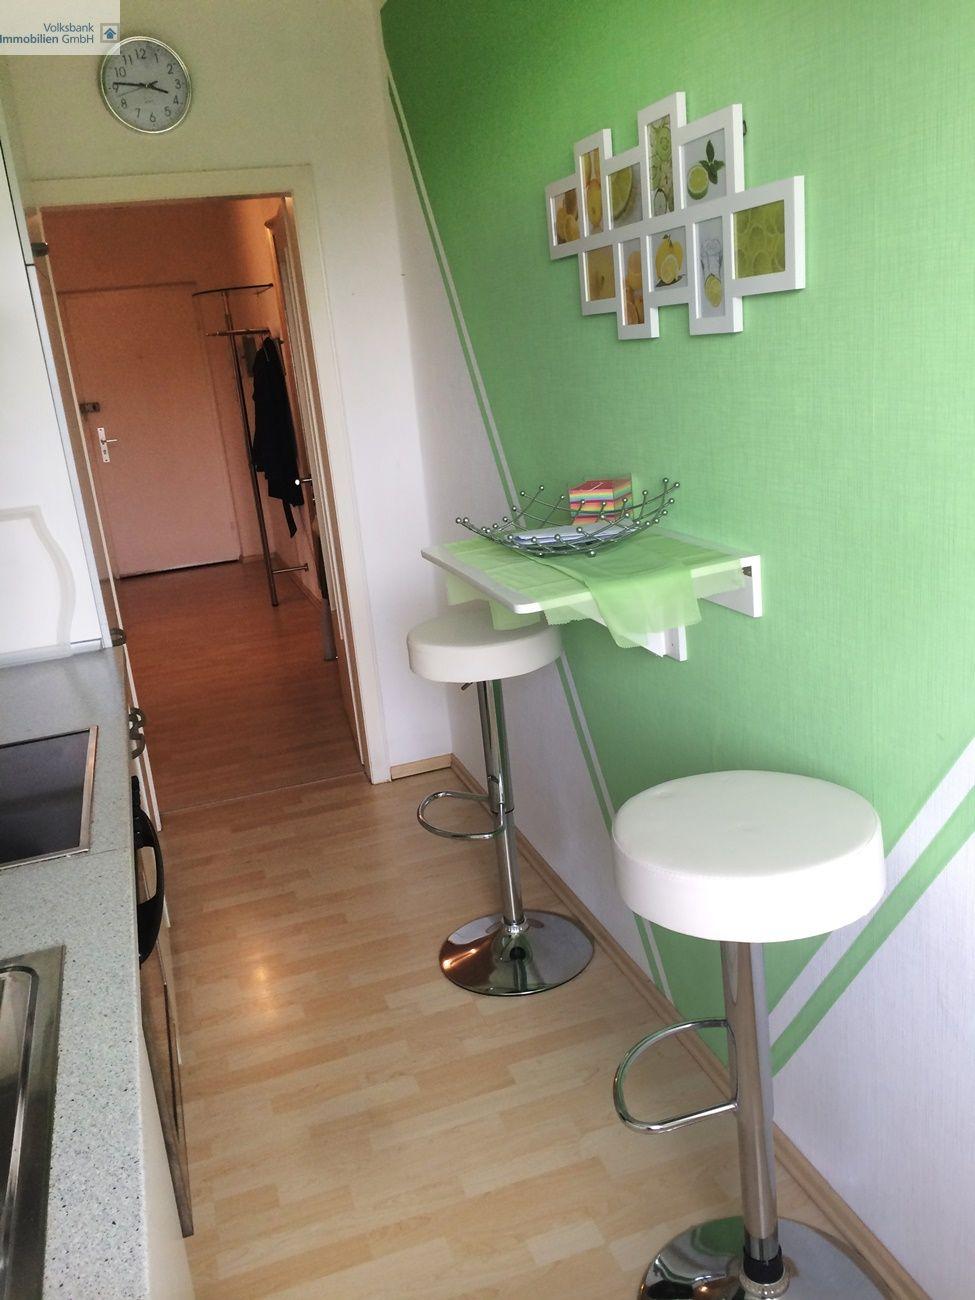 Attractive Küche Und Diele, Eigentumswohnung, Stauffenbergstrasse In Viersen